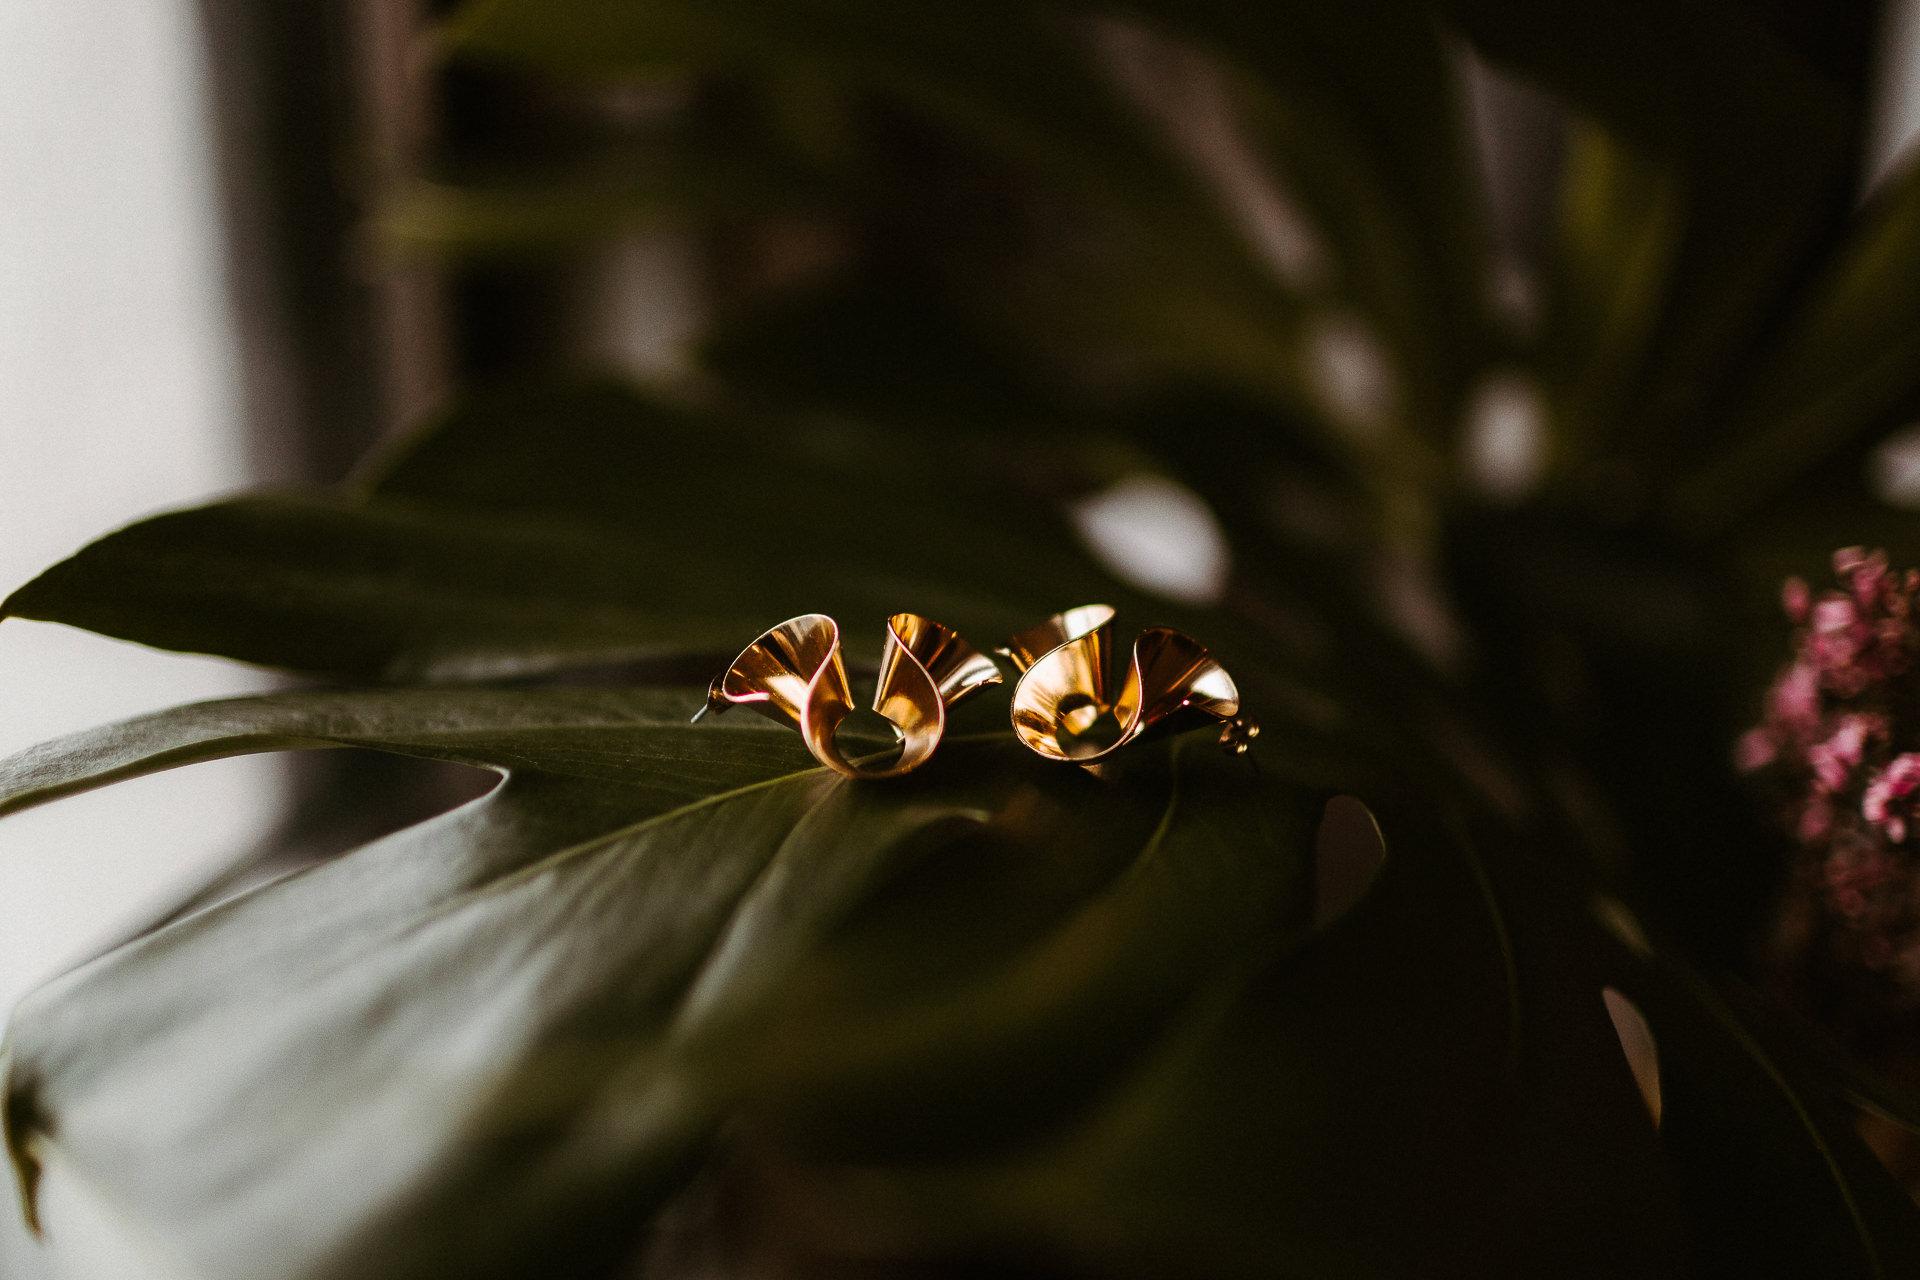 Photographie de Los Angeles Elopement | Dans cette photo de détail, les belles boucles d'oreilles en or ondulées de la mariée